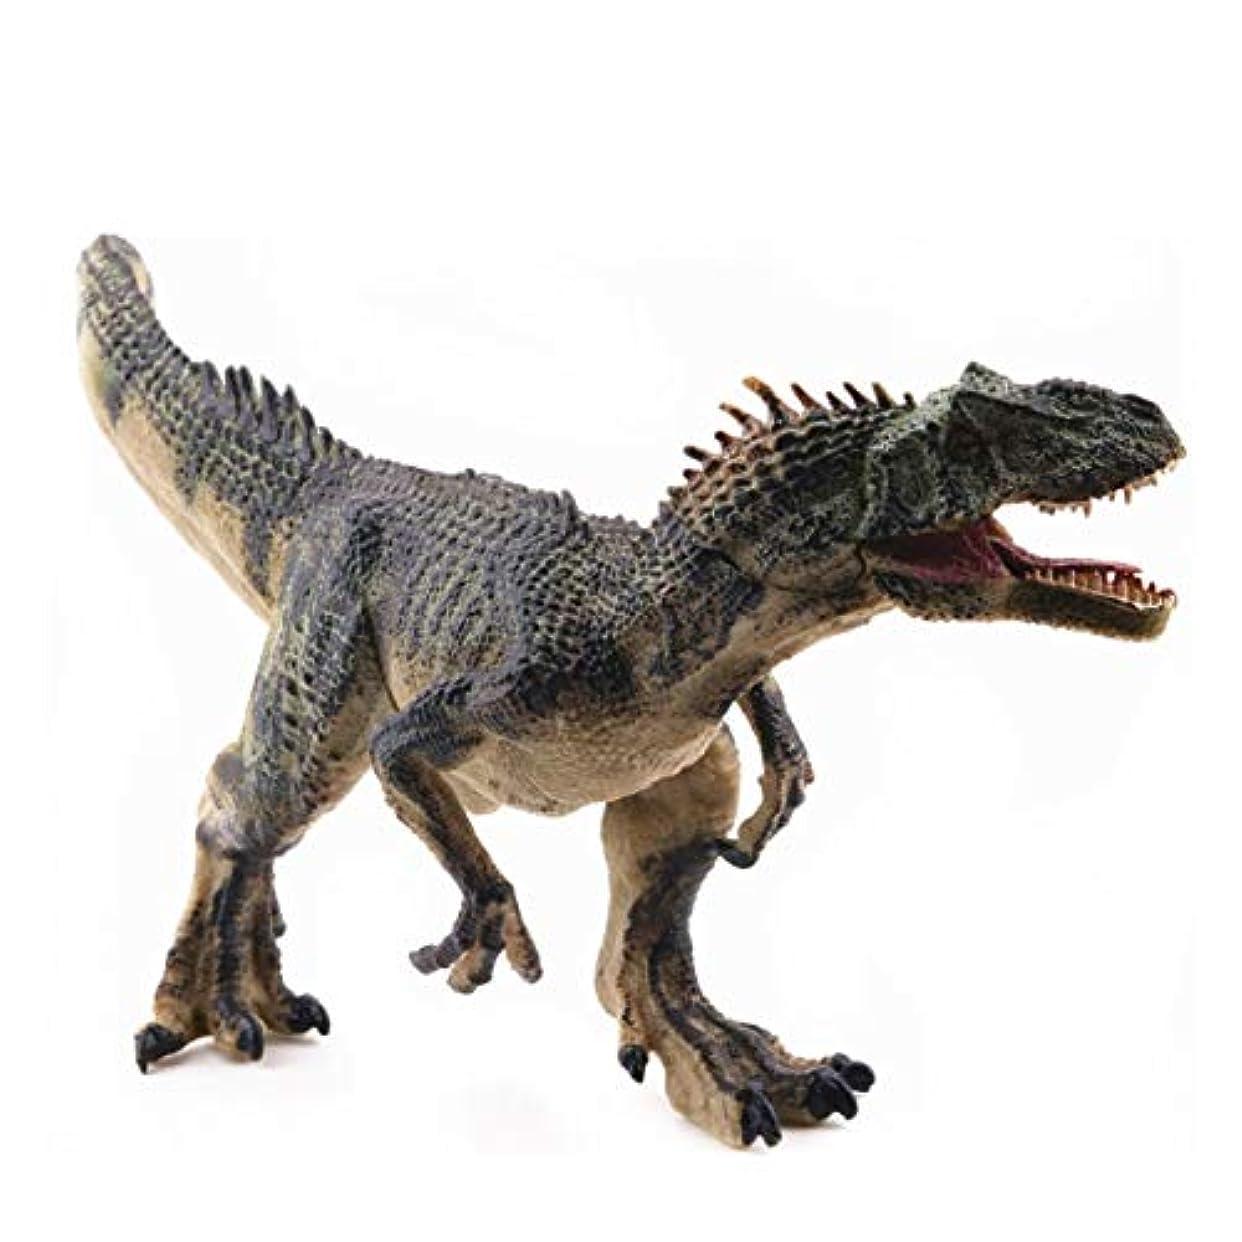 重要性トラフィックコンデンサーSaikogoods シミュレーションアロサウルスリアルな恐竜の模型玩具置物アクションは 子供のためのホームインテリア教育玩具フィギュア 緑